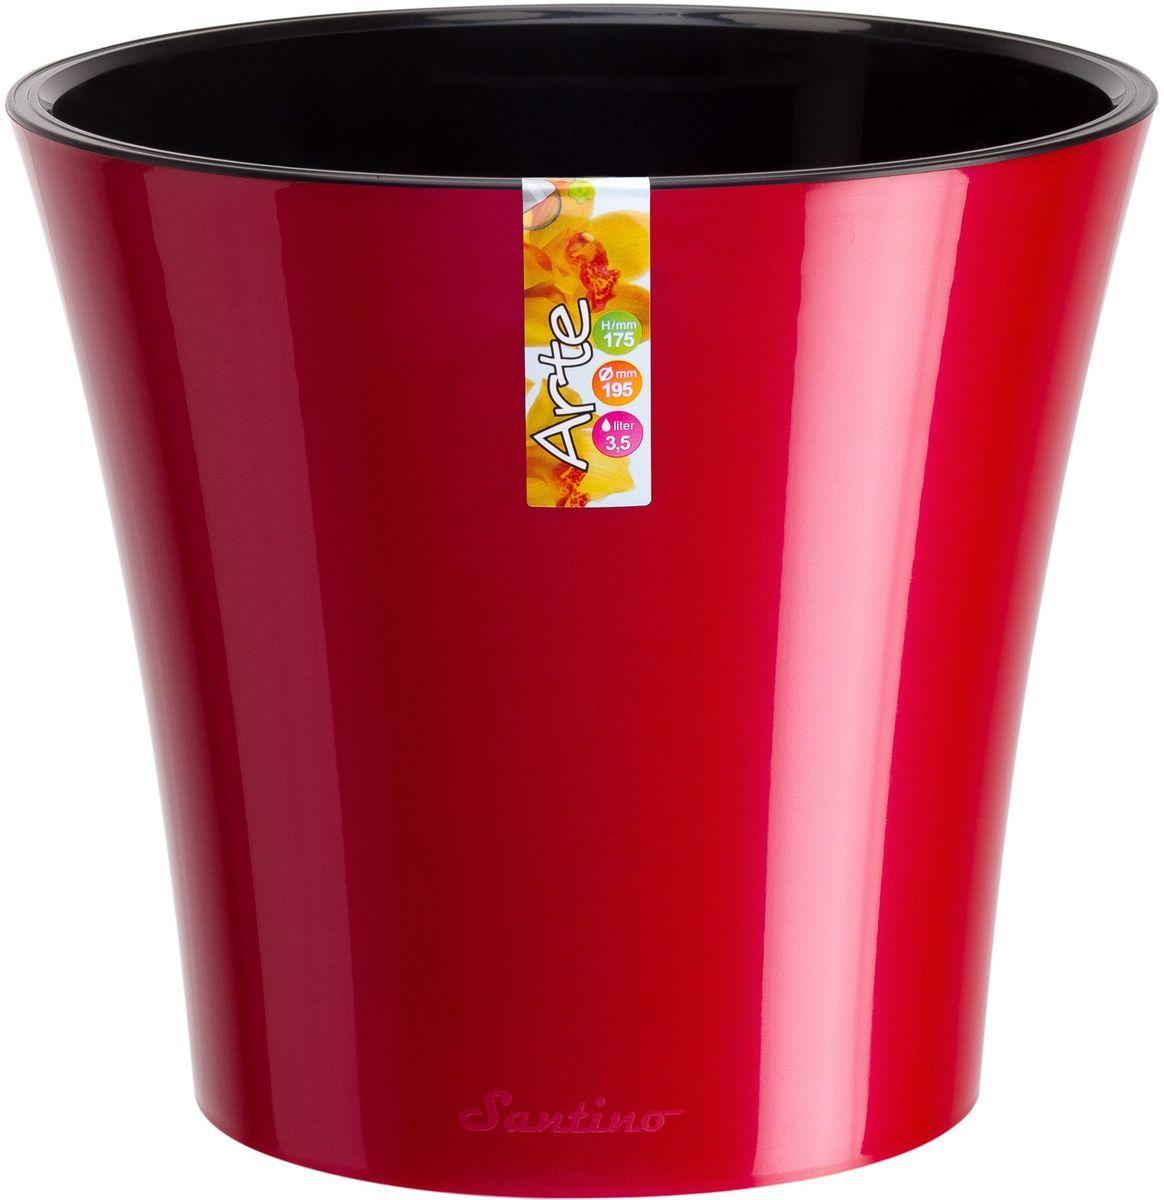 Горшок цветочный Santino Арте, двойной, с системой автополива, цвет: красный, черный, 1,2 лАРТ 1,2 К-ЧГоршок цветочный Santino Арте снабжен дренажной системой и состоит из кашпо и вазона-вкладыша. Изготовлен из пластика. Особенность: тарелочка или блюдце не нужны. Горшок предназначен для любых растений или цветов. Цветочный дренаж – это система, которая позволяет выводить лишнюю влагу через корневую систему цветка и слой почвы. Растение – это живой организм, следовательно, ему необходимо дышать. В доступе к кислороду нуждаются все части растения: -листья; -корневая система. Если цветовод по какой-либо причине зальет цветок водой, то она буквально вытеснит из почвенного слоя все пузырьки кислорода. Анаэробная среда способствует развитию различного рода бактерий. Безвоздушная среда приводит к загниванию корневой системы, цветок в результате увядает. Суть работы дренажной системы заключается в том, чтобы осуществлять отвод лишней влаги от растения и давать возможность корневой системе дышать без проблем. Следовательно, каждому цветку необходимо: -иметь в основании цветочного горшочка хотя бы одно небольшое дренажное отверстие. Оно необходимо для того, чтобы через него выходила лишняя вода, плюс ко всему это отверстие дает возможность циркулировать воздух. -на самом дне горшка необходимо выложить слоем в 2-5 см (зависит от вида растения) дренаж.УВАЖАЕМЫЕ КЛИЕНТЫ!Обращаем ваше внимание на тот факт, что фото изделия служит для визуального восприятия товара. Литраж и размеры, представленные на этикетке товара, могут по факту отличаться от реальных. Корректные данные в поле Размеры.